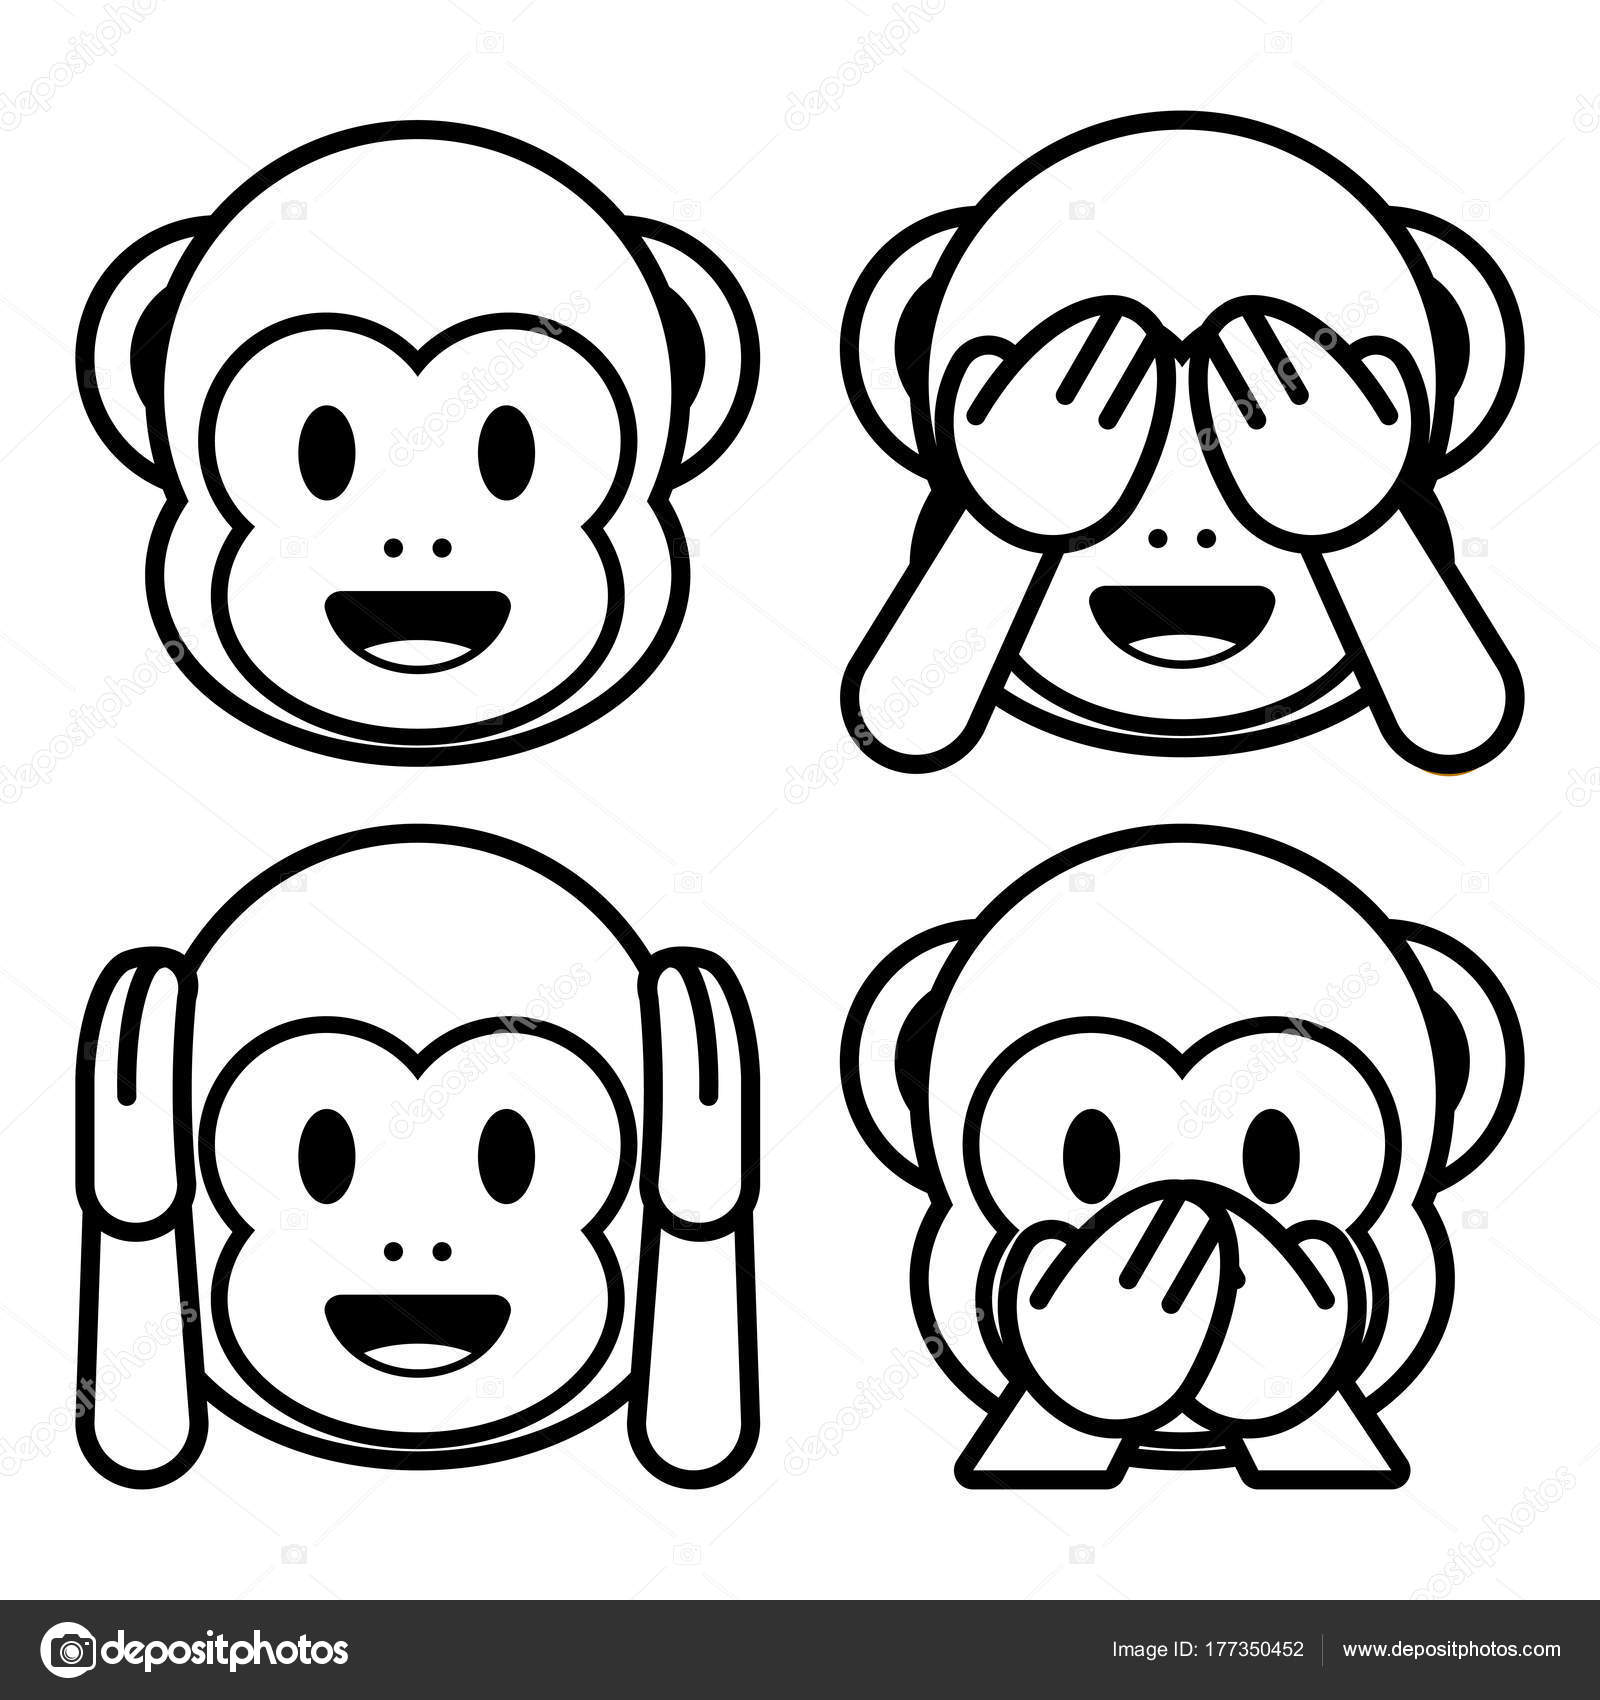 Dibujos Para Colorear De Emoticonos De Whatsapp Database